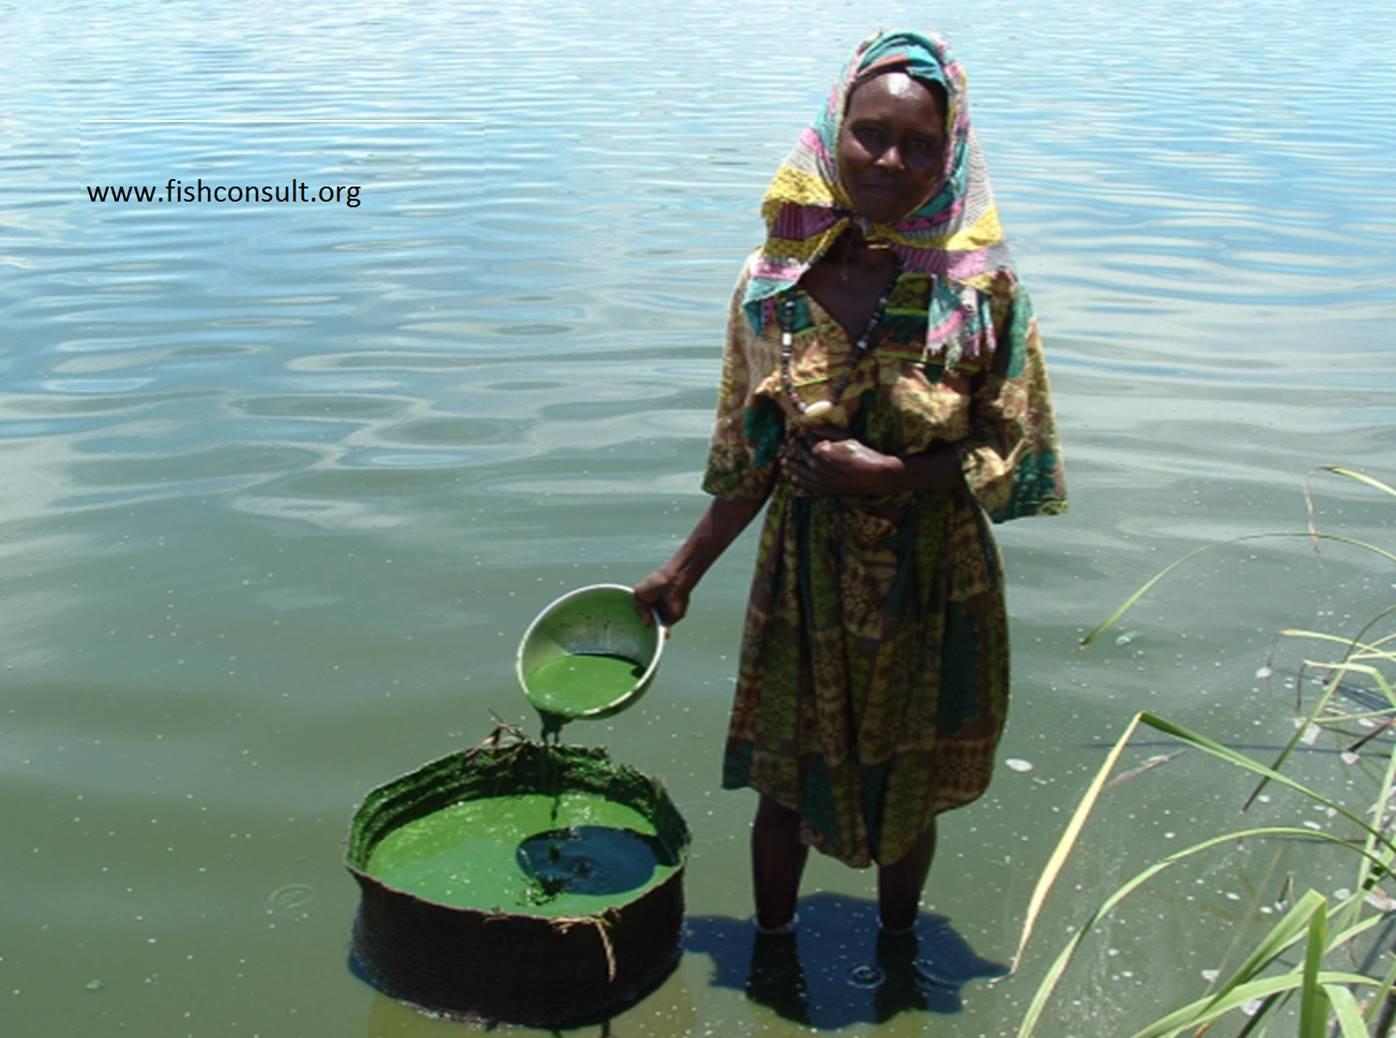 Zbieralnie Spirulina platensis w rejonie Kanem. Źródło: fishconsult.org, Zdjęcie: Aliadoumadji Rimadoum (Chad)